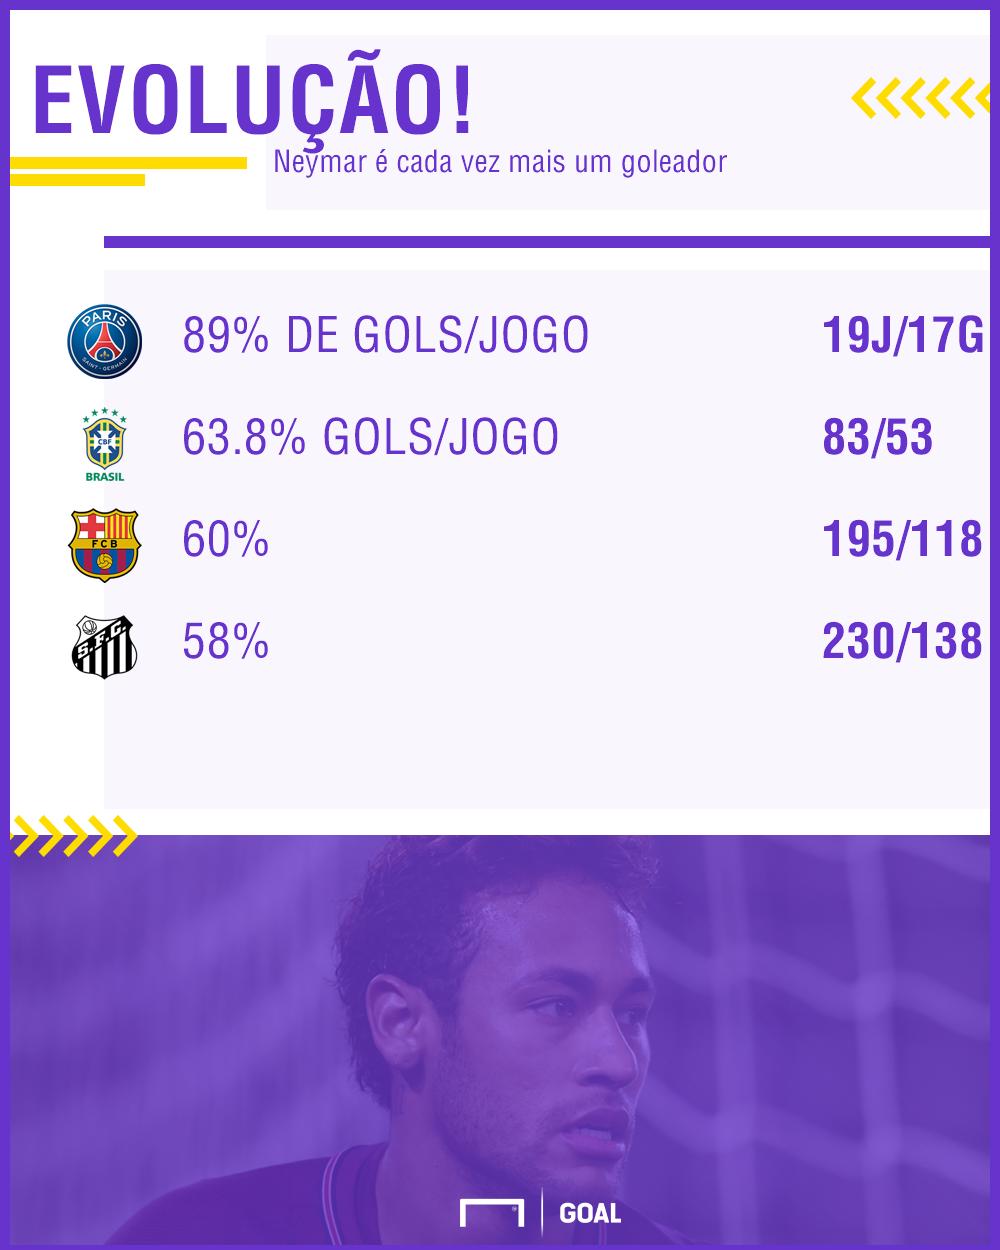 'Podemos vencer o Real Madrid e fazer história', acredita Neymar